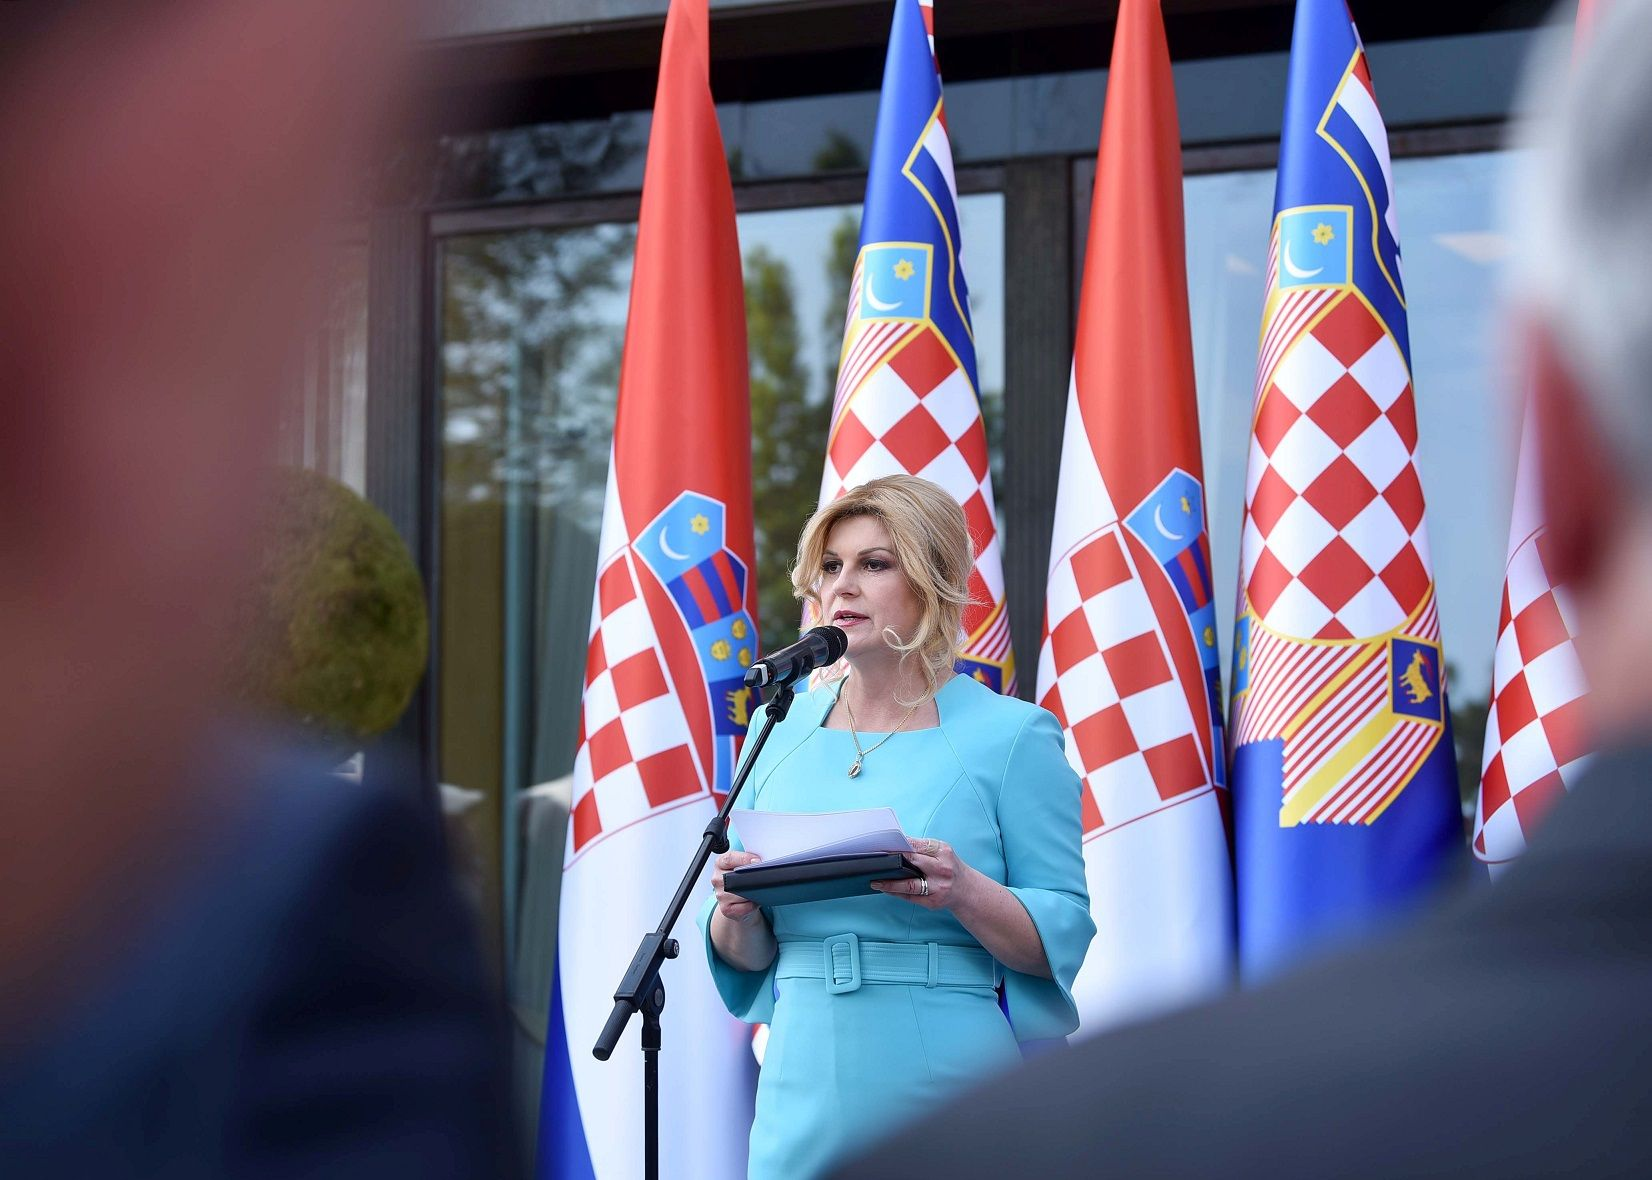 Predsjednica Grabar-Kitarović: Demografsko pitanje najveći je ispit zrelosti države